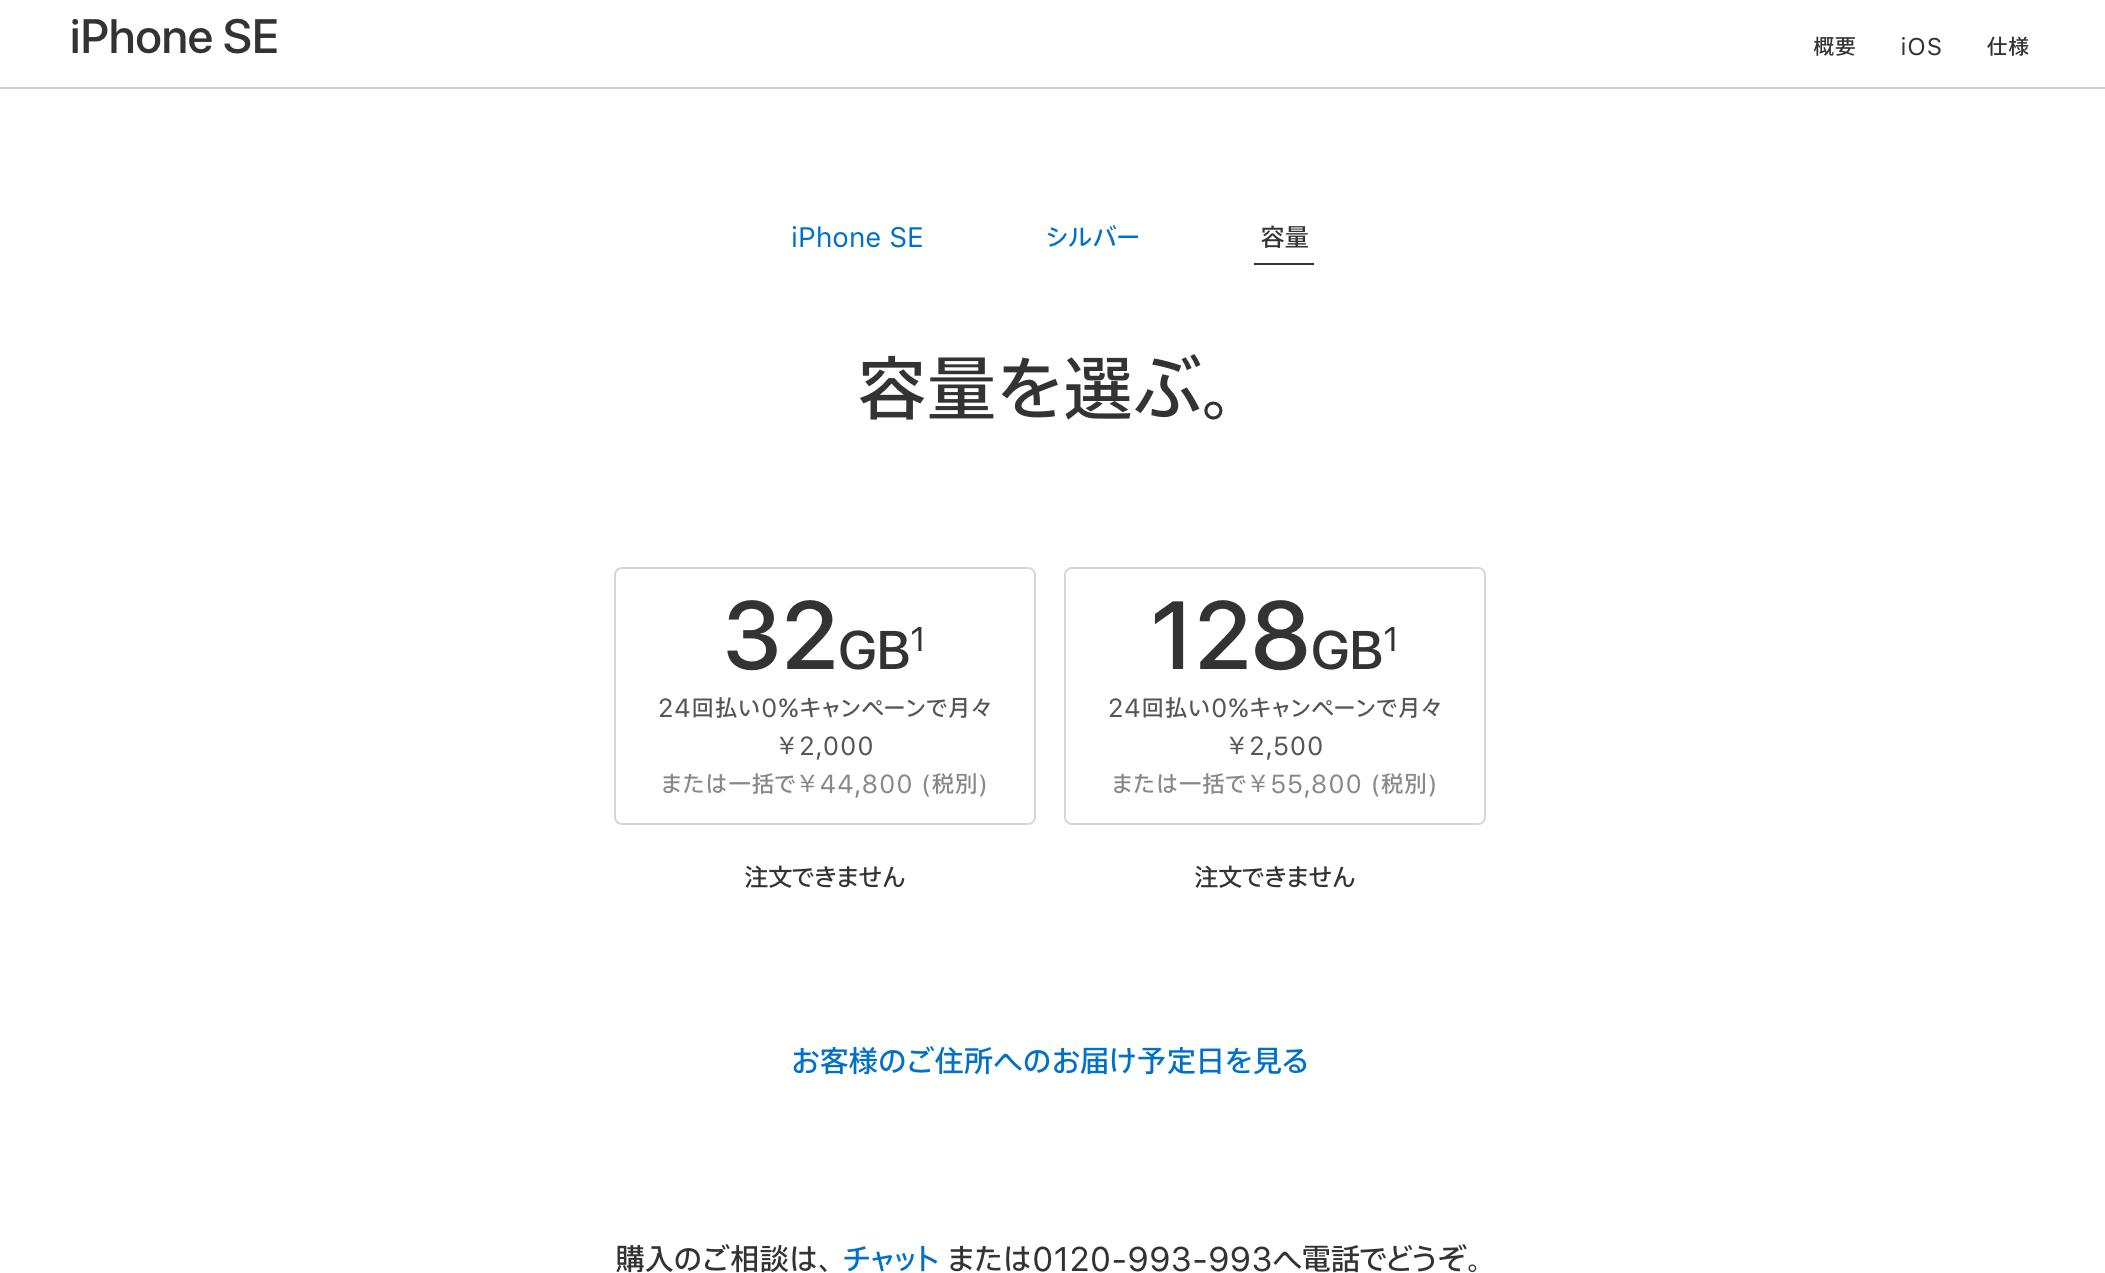 iPhone SEの容量が倍になりました。32GBと128GBが登場。